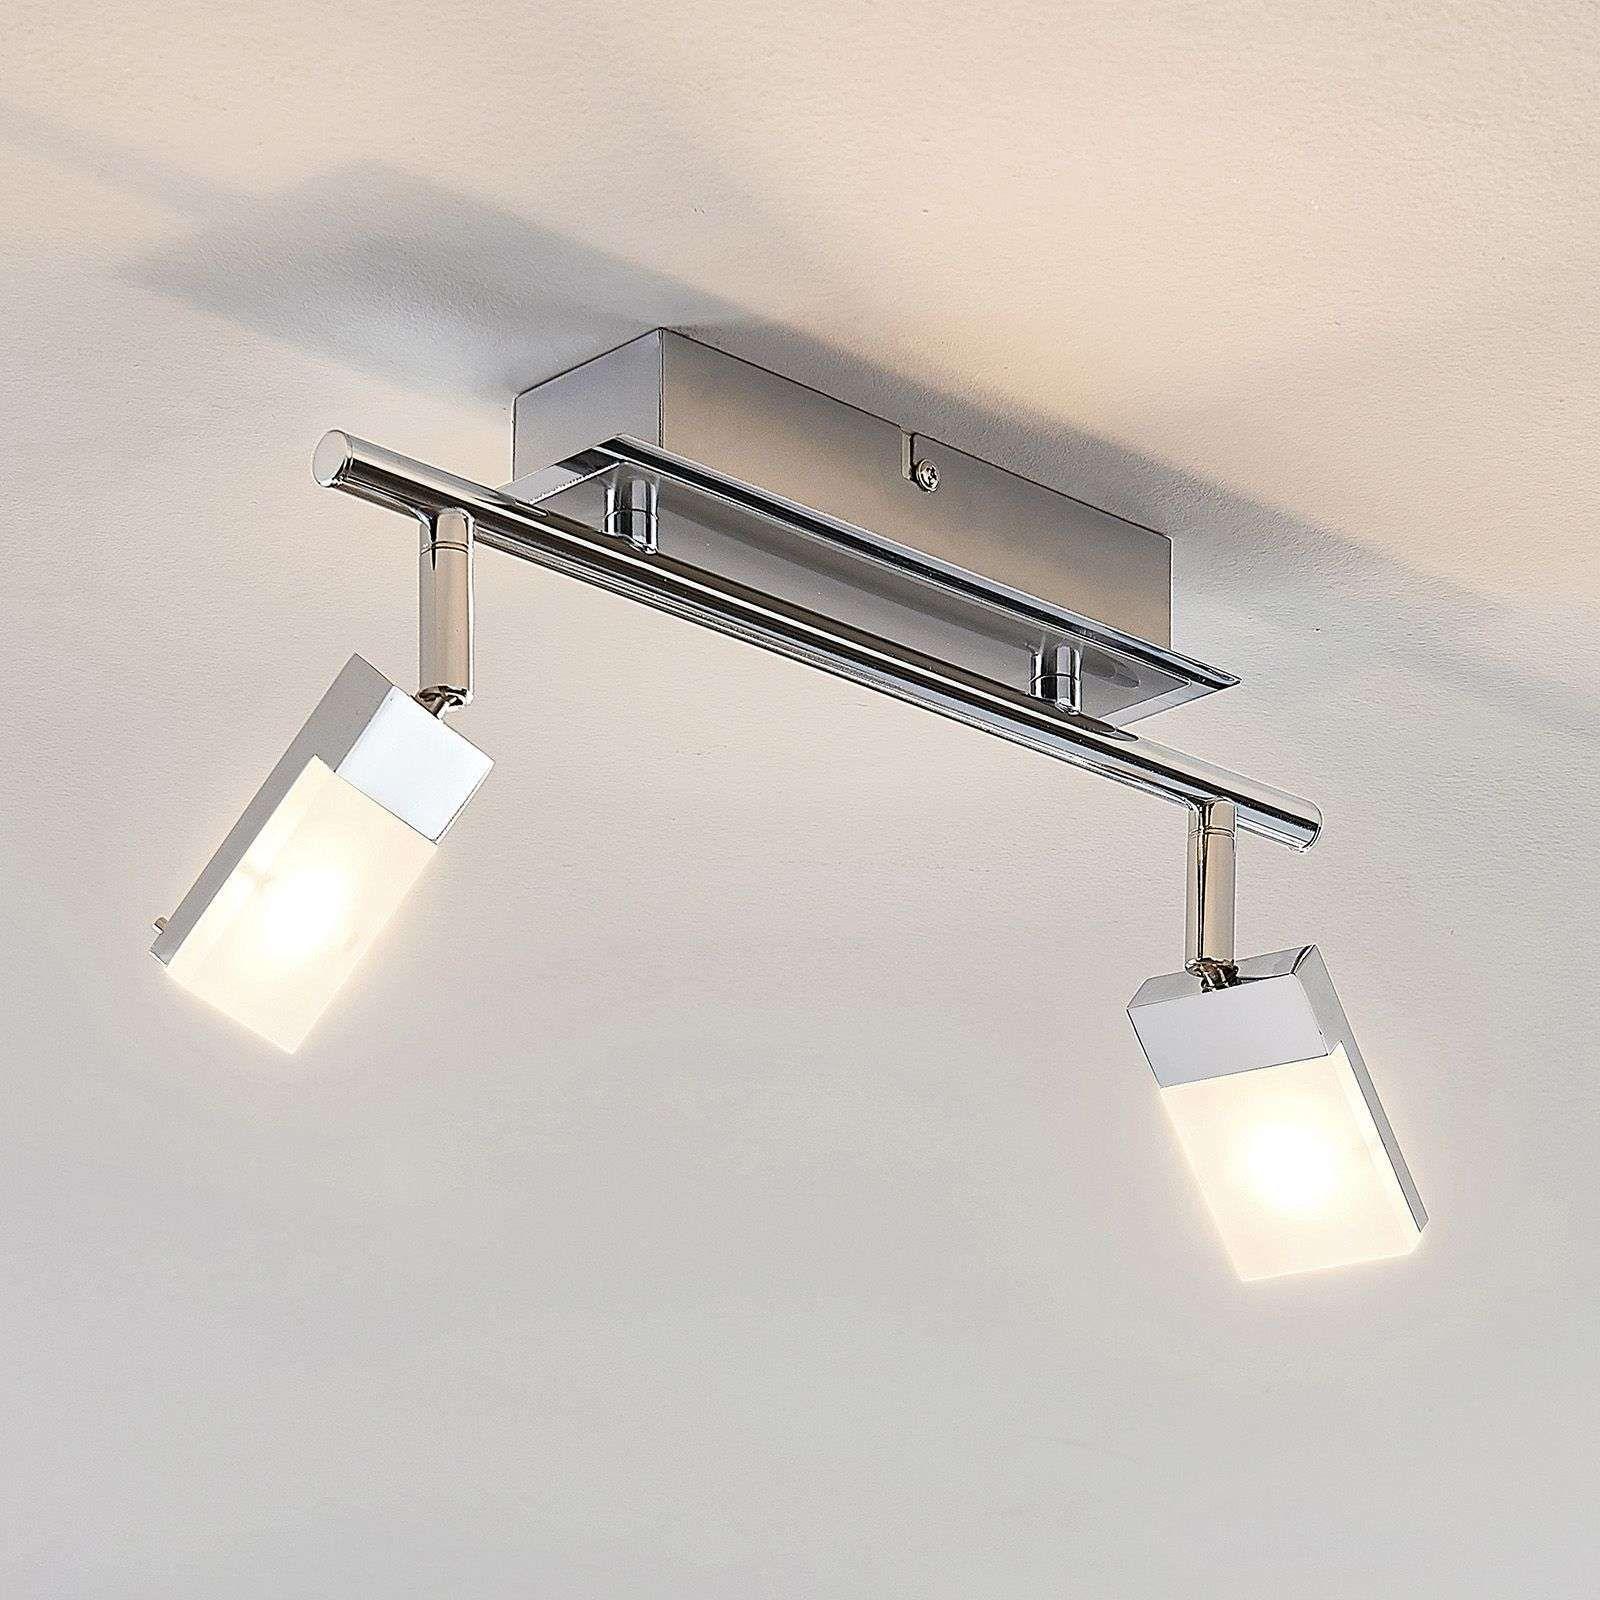 Led Strahler Alija Verchromt 2 Flammig Binnenverlichting Lampen Plafond Lampen